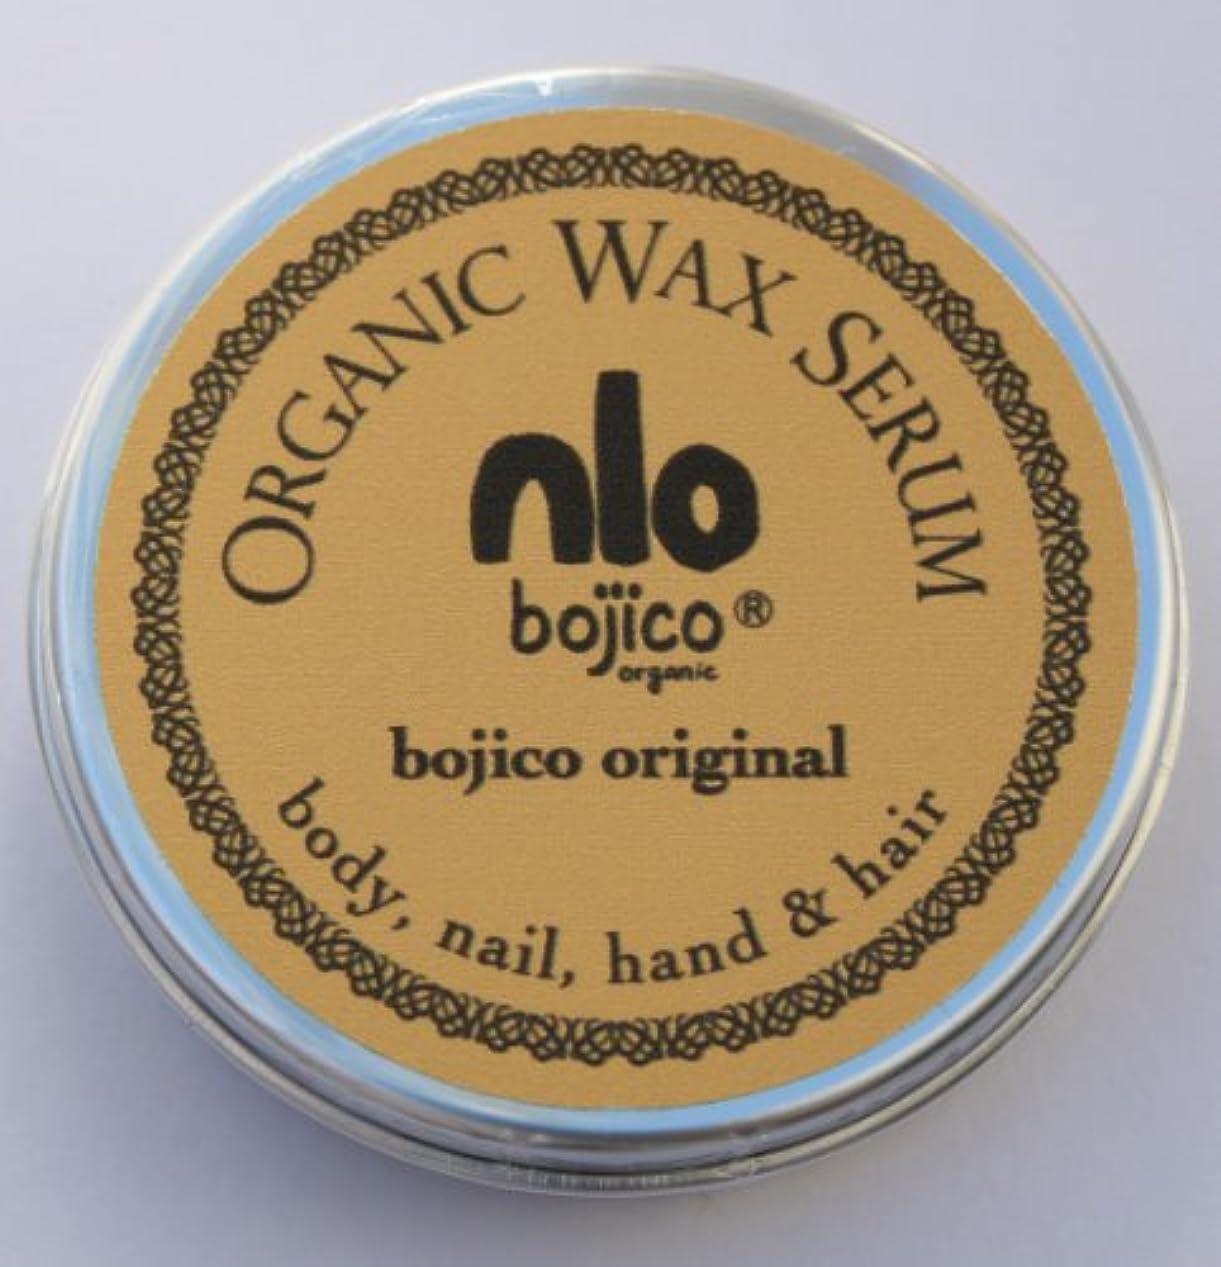 単なる壊す反逆者bojico オーガニック ワックス セラム<オリジナル> Organic Wax Serum 18g